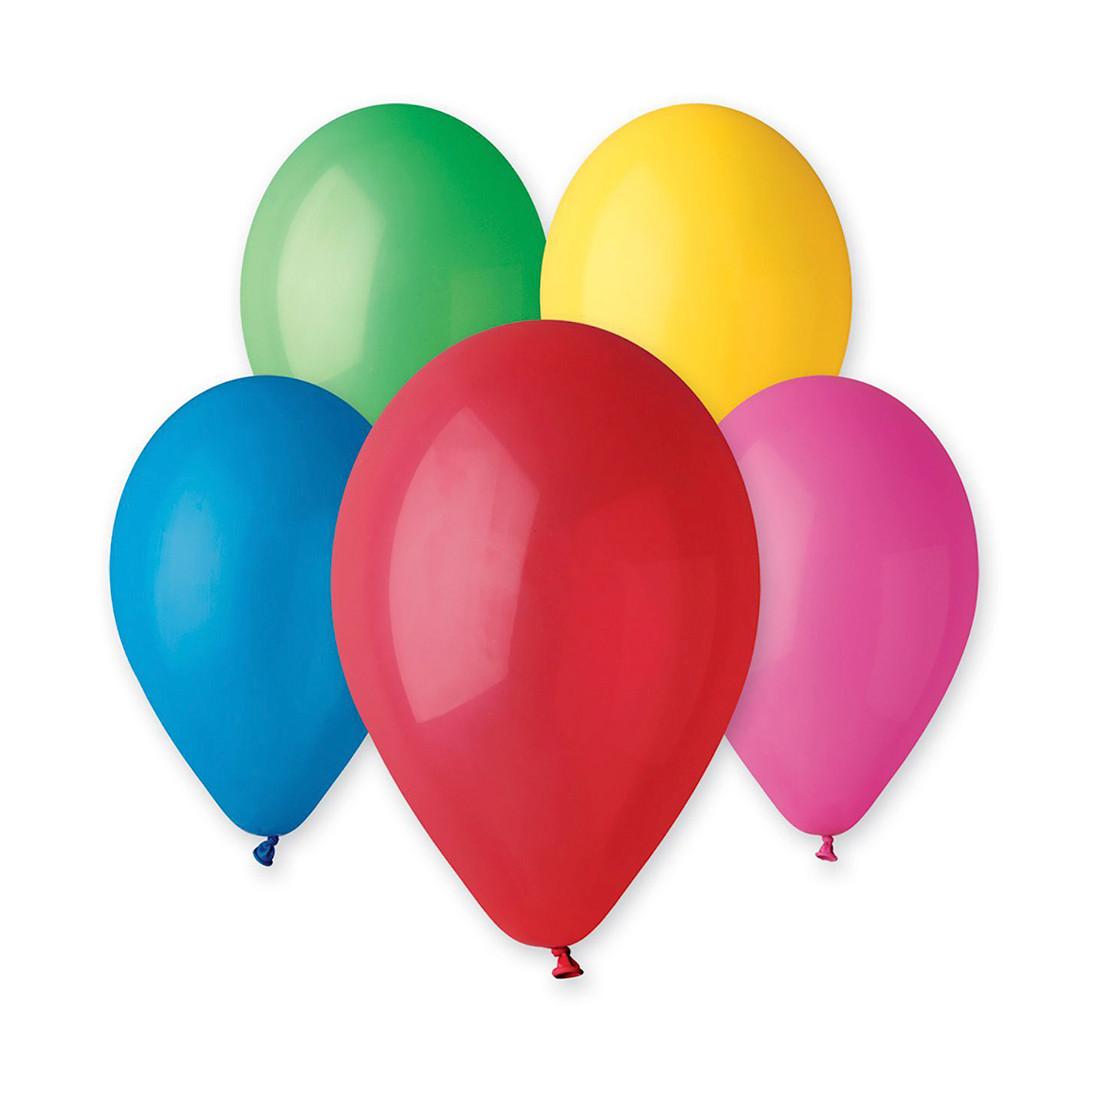 Воздушный шарик Gemar 1101-0006 Размер 30 см Латекс Цвета пастельные в ассортименте(10-12 цветов) Цветной